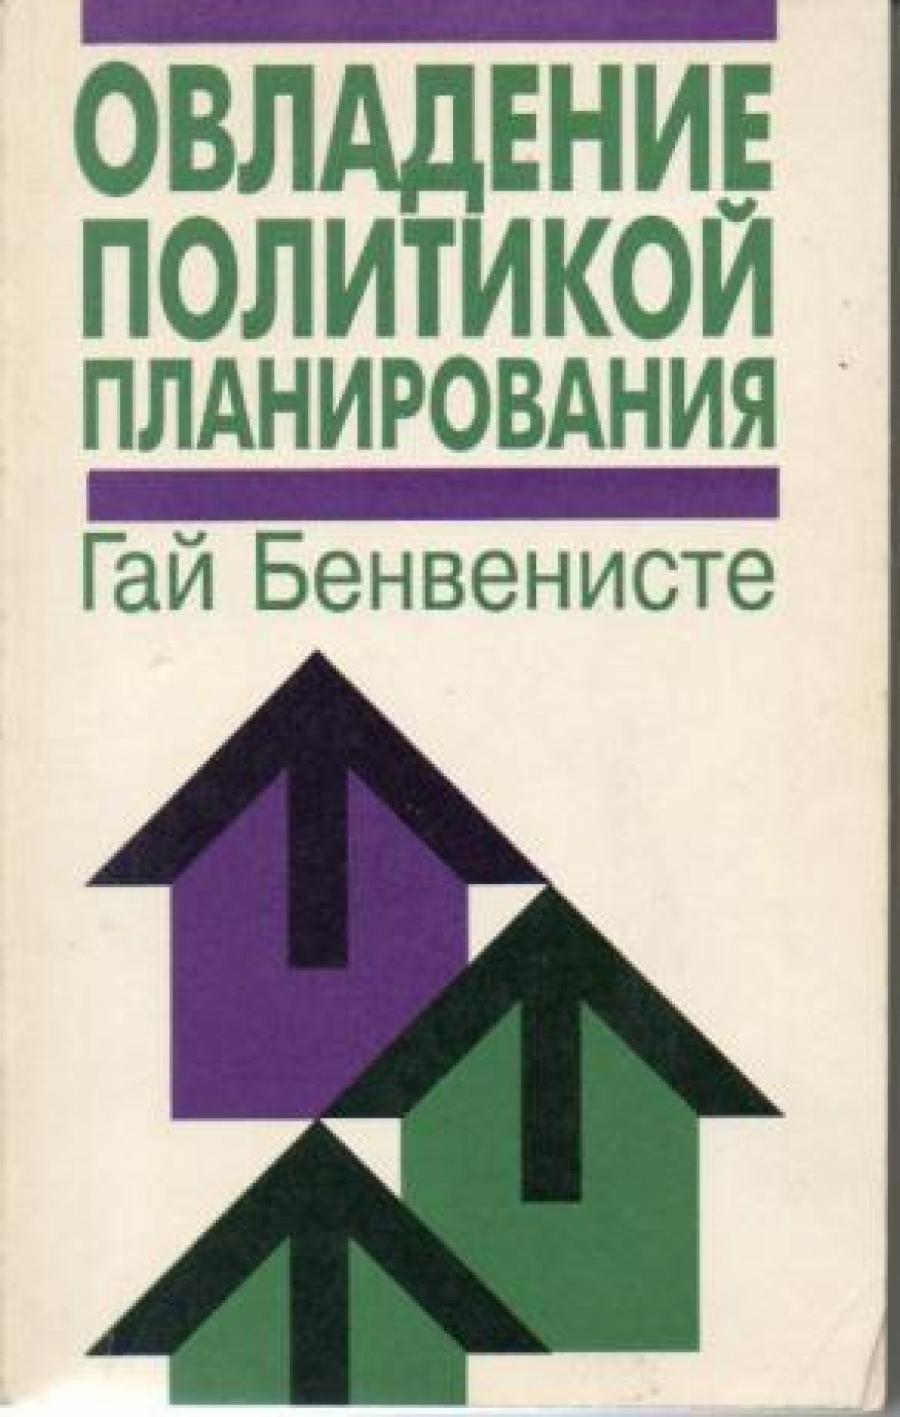 Обложка книги:  бенвенисте гай - овладение политикой планирования